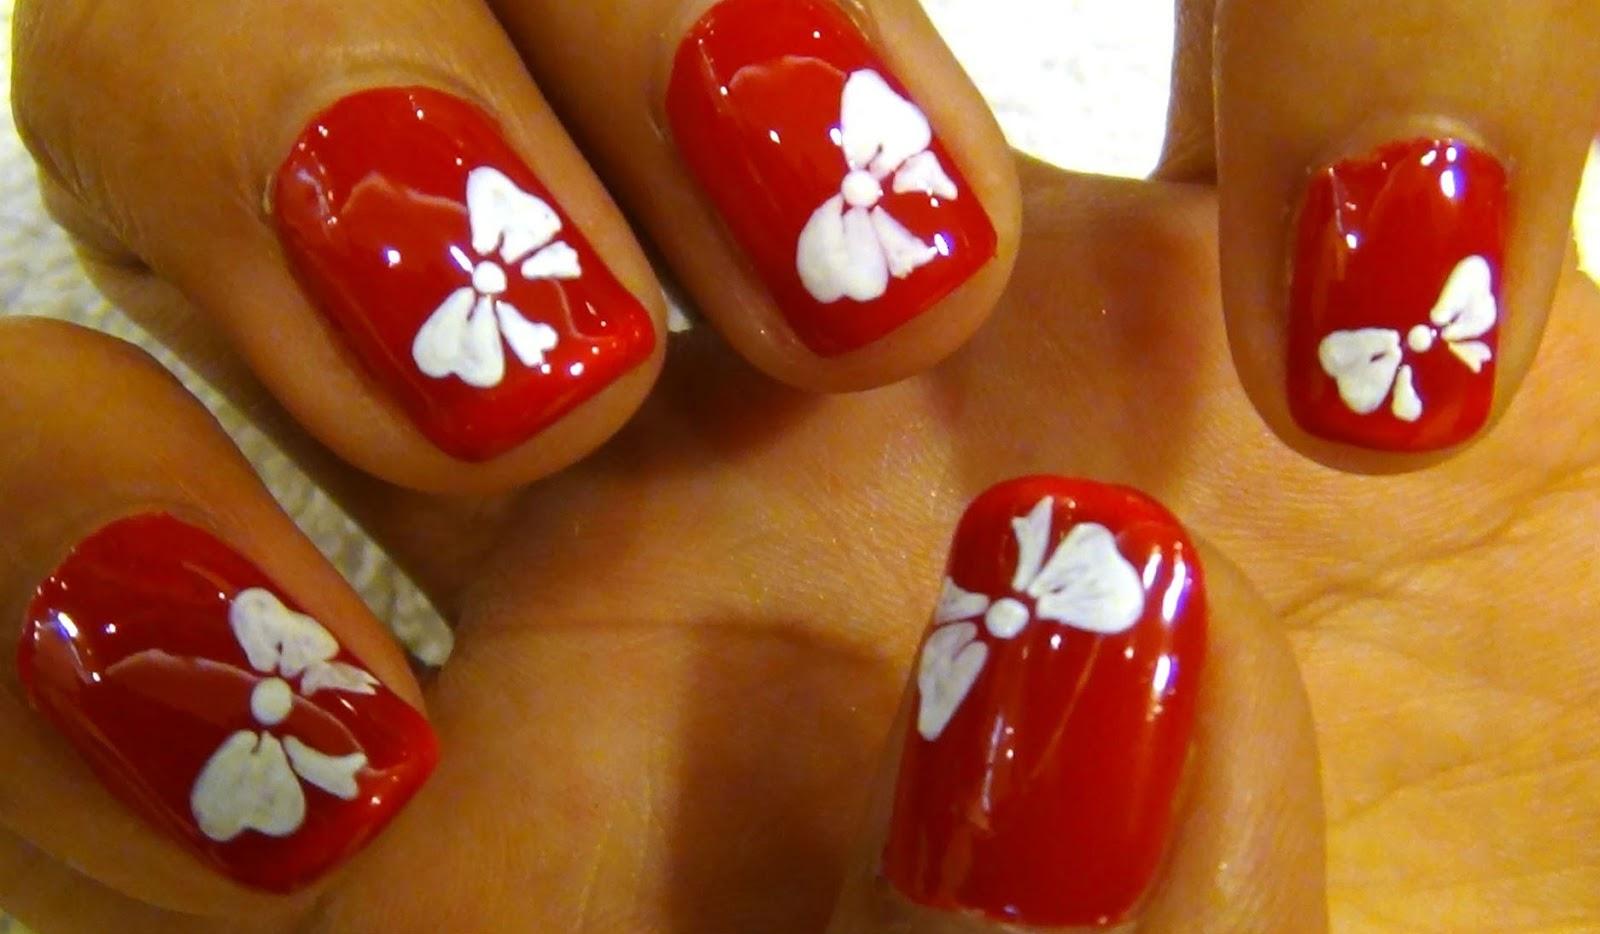 Designs Art Nail Polish Red Nails White Bow Nails Art Designs No 43